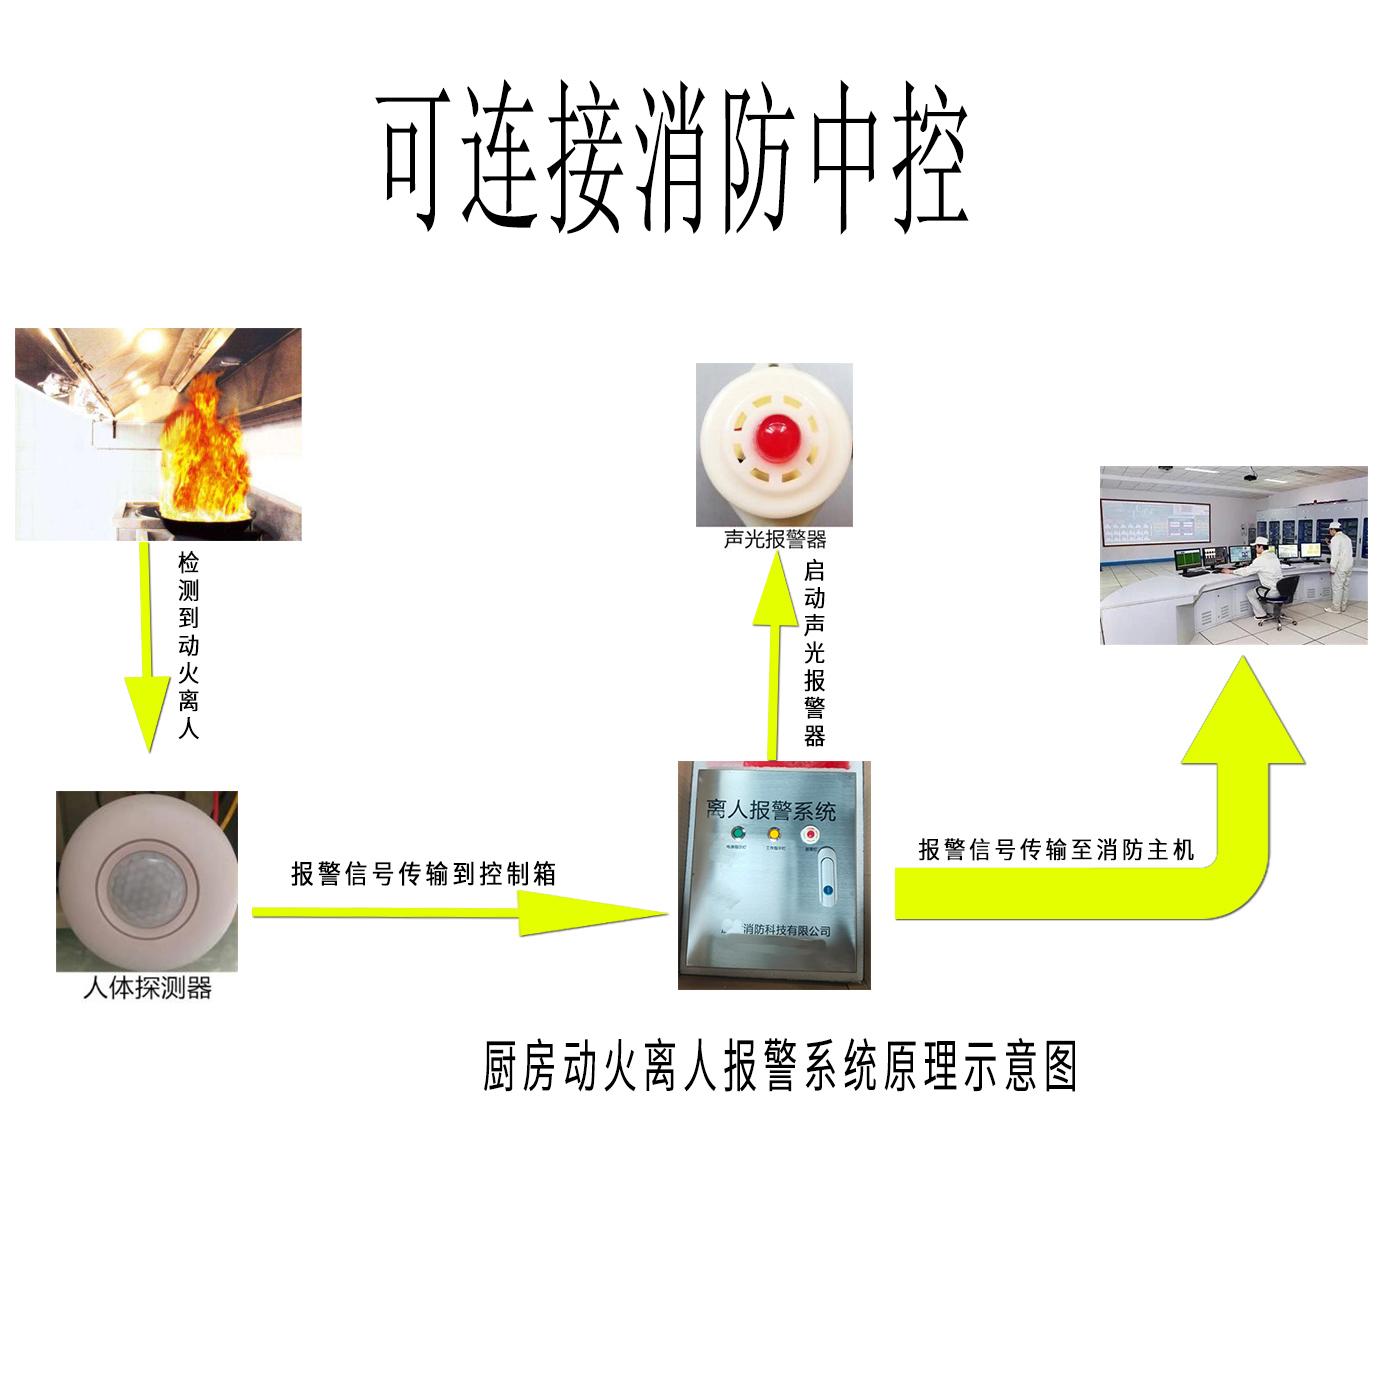 主图4.jpg